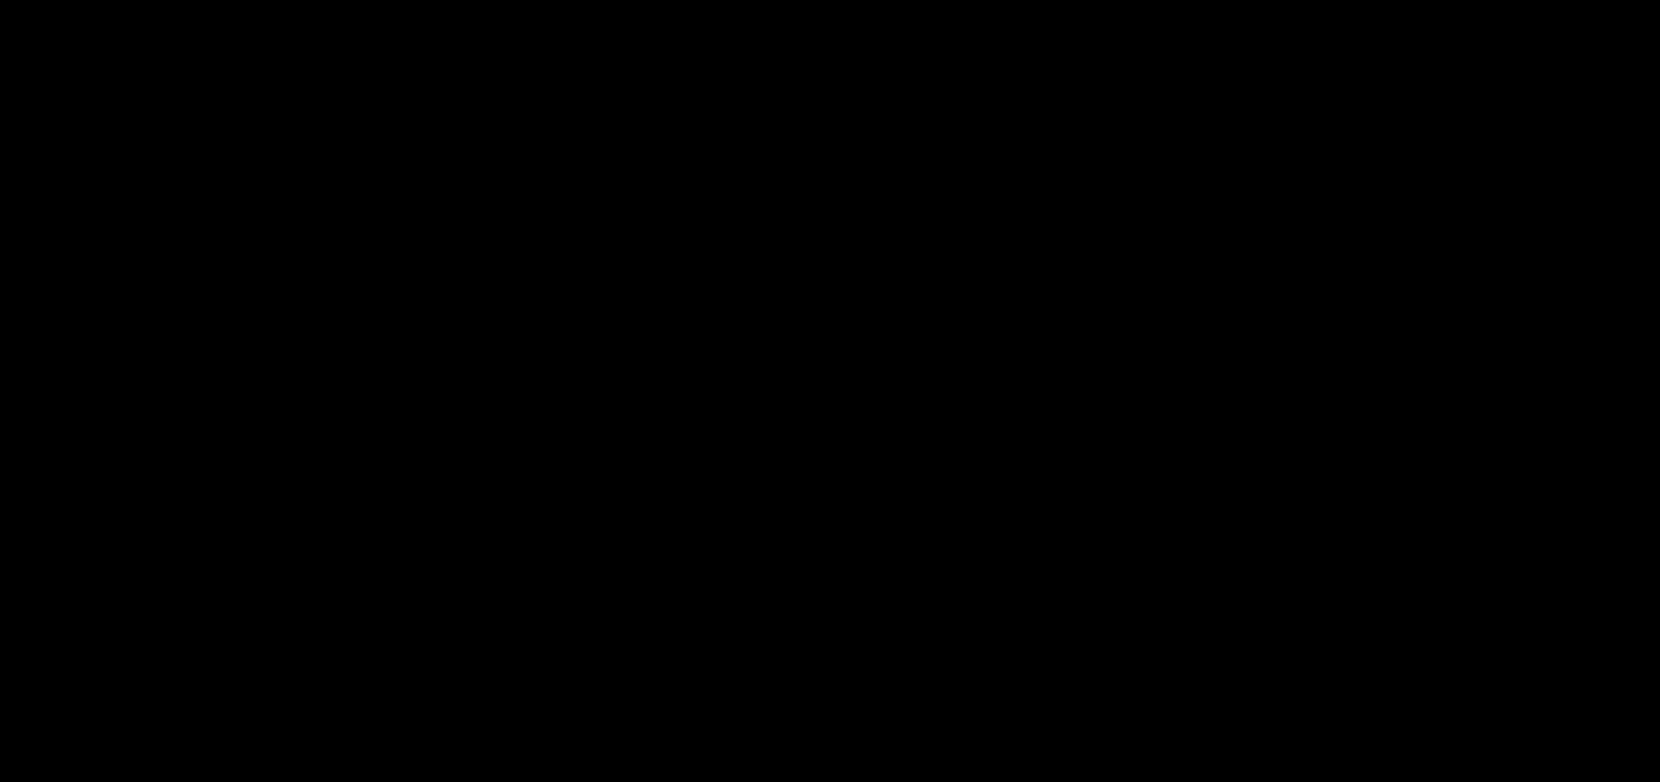 N-Biotinyl glycine